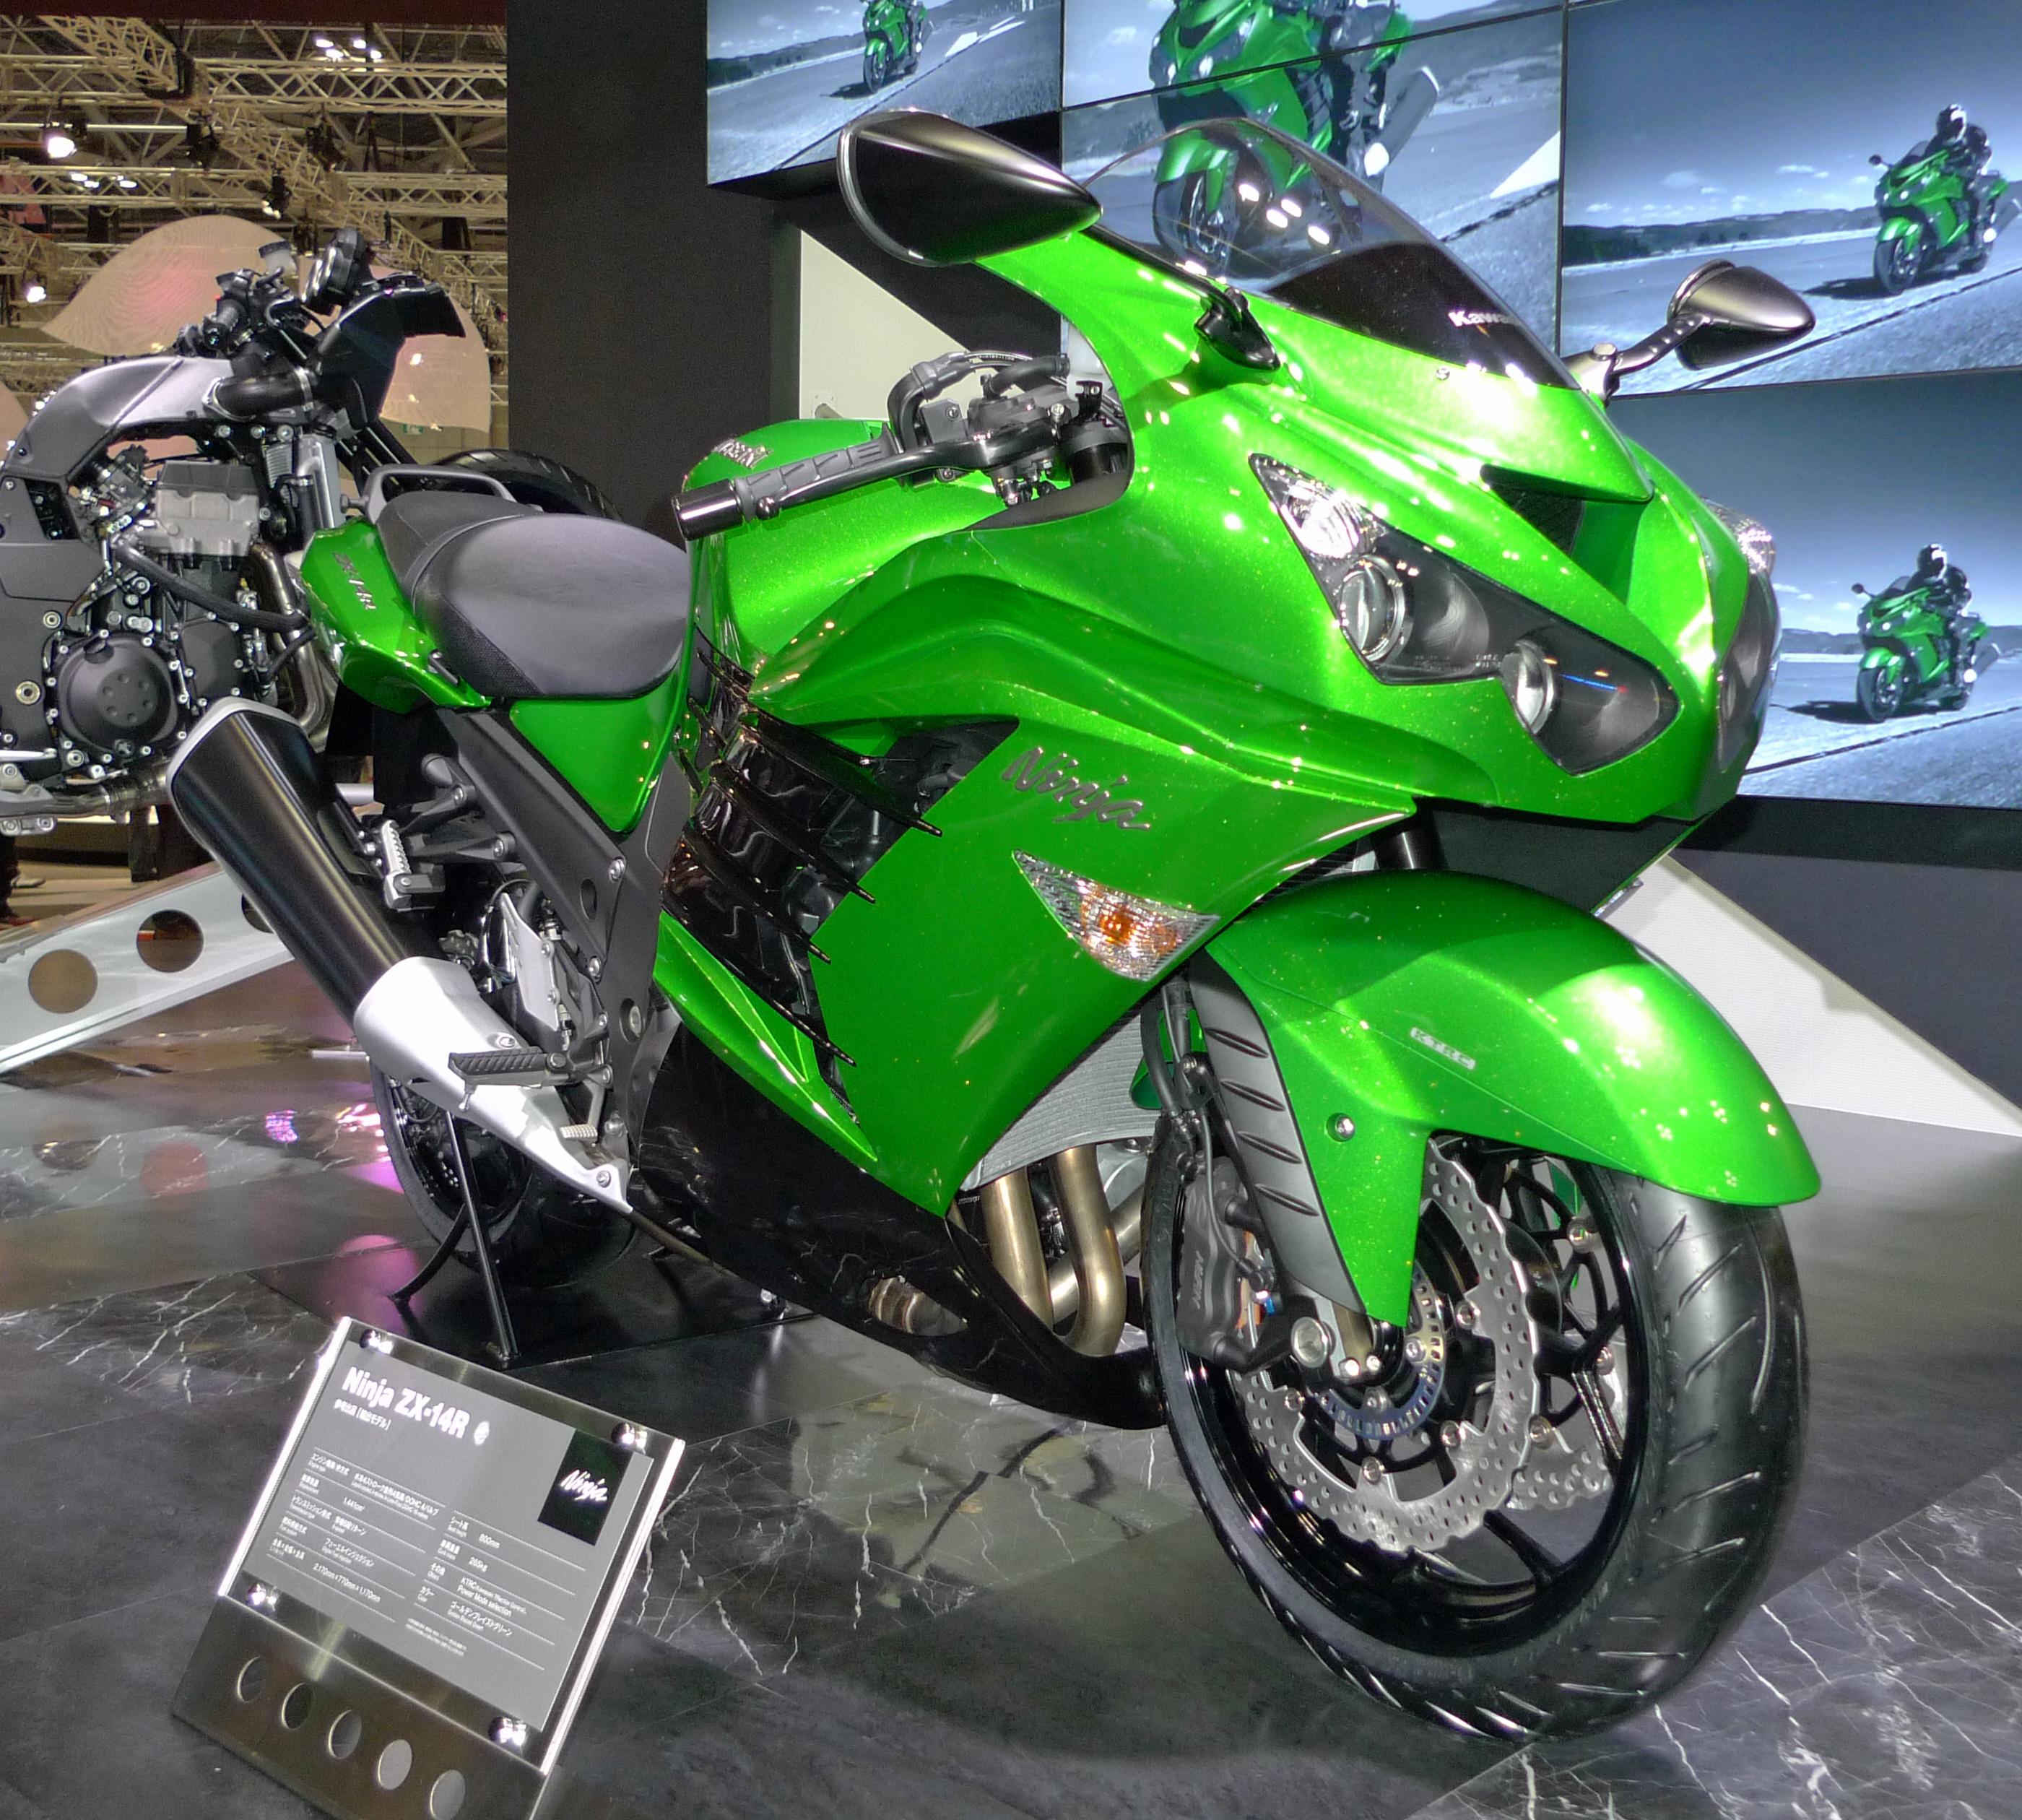 Kawasaki Kawasaki Indonesia